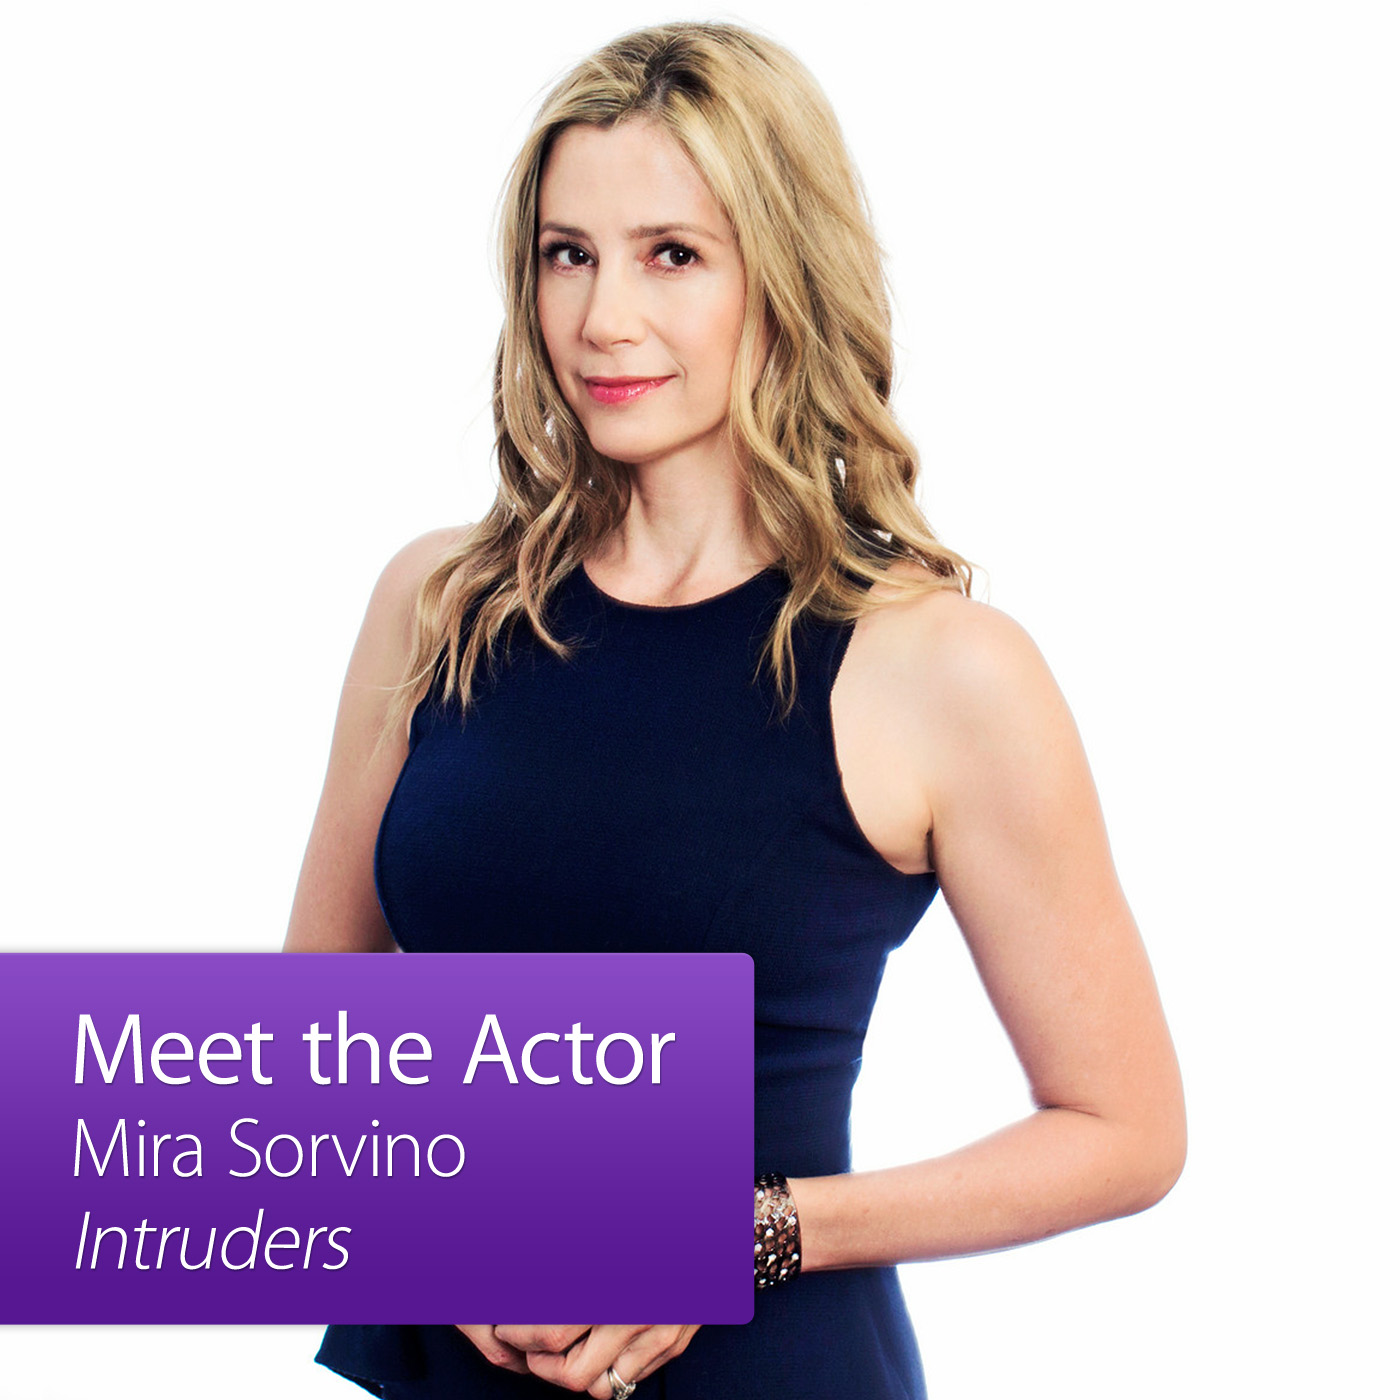 Mira Sorvino: Meet the Actor